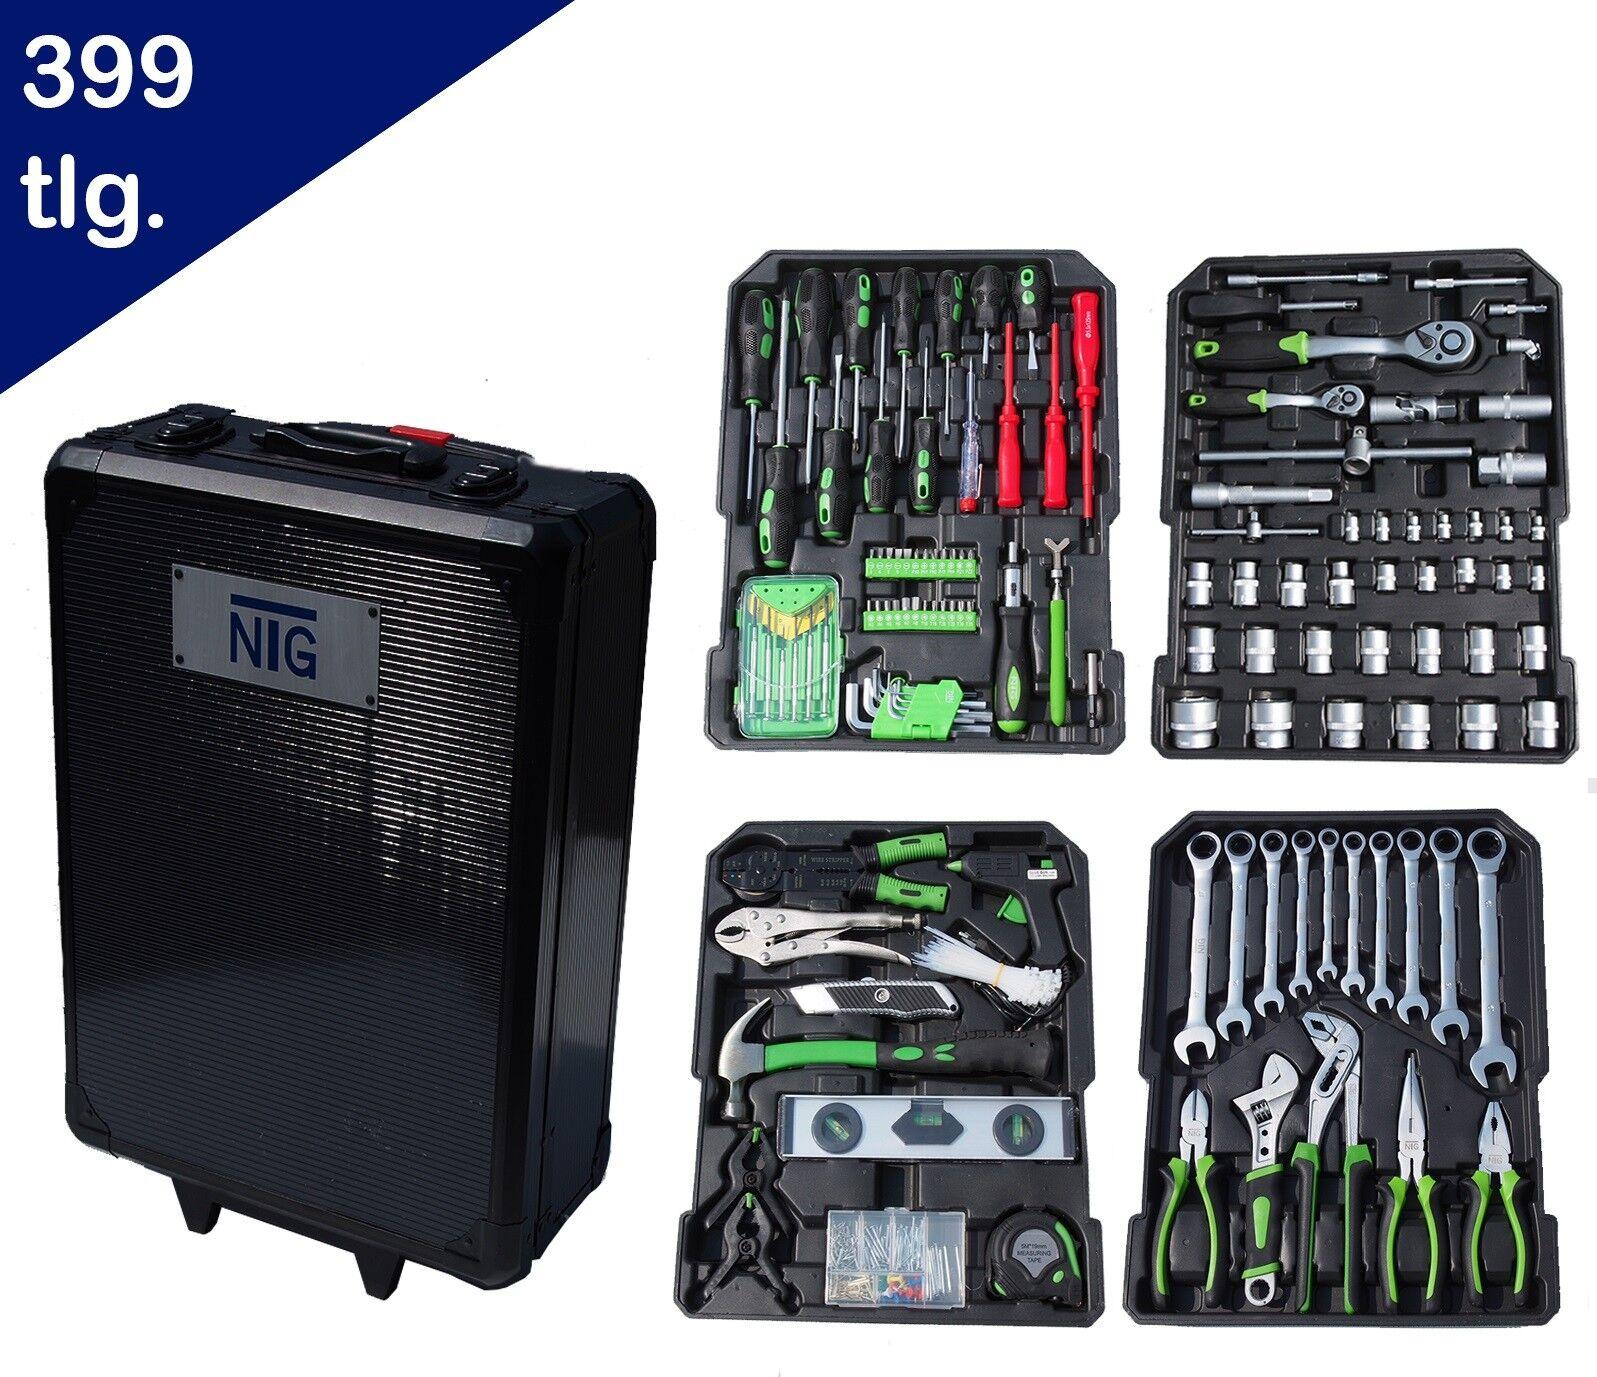 NTG 399tlg Alu Werkzeugkoffer mit Werkzeug Werkzeugkasten Werkzeug Trolley